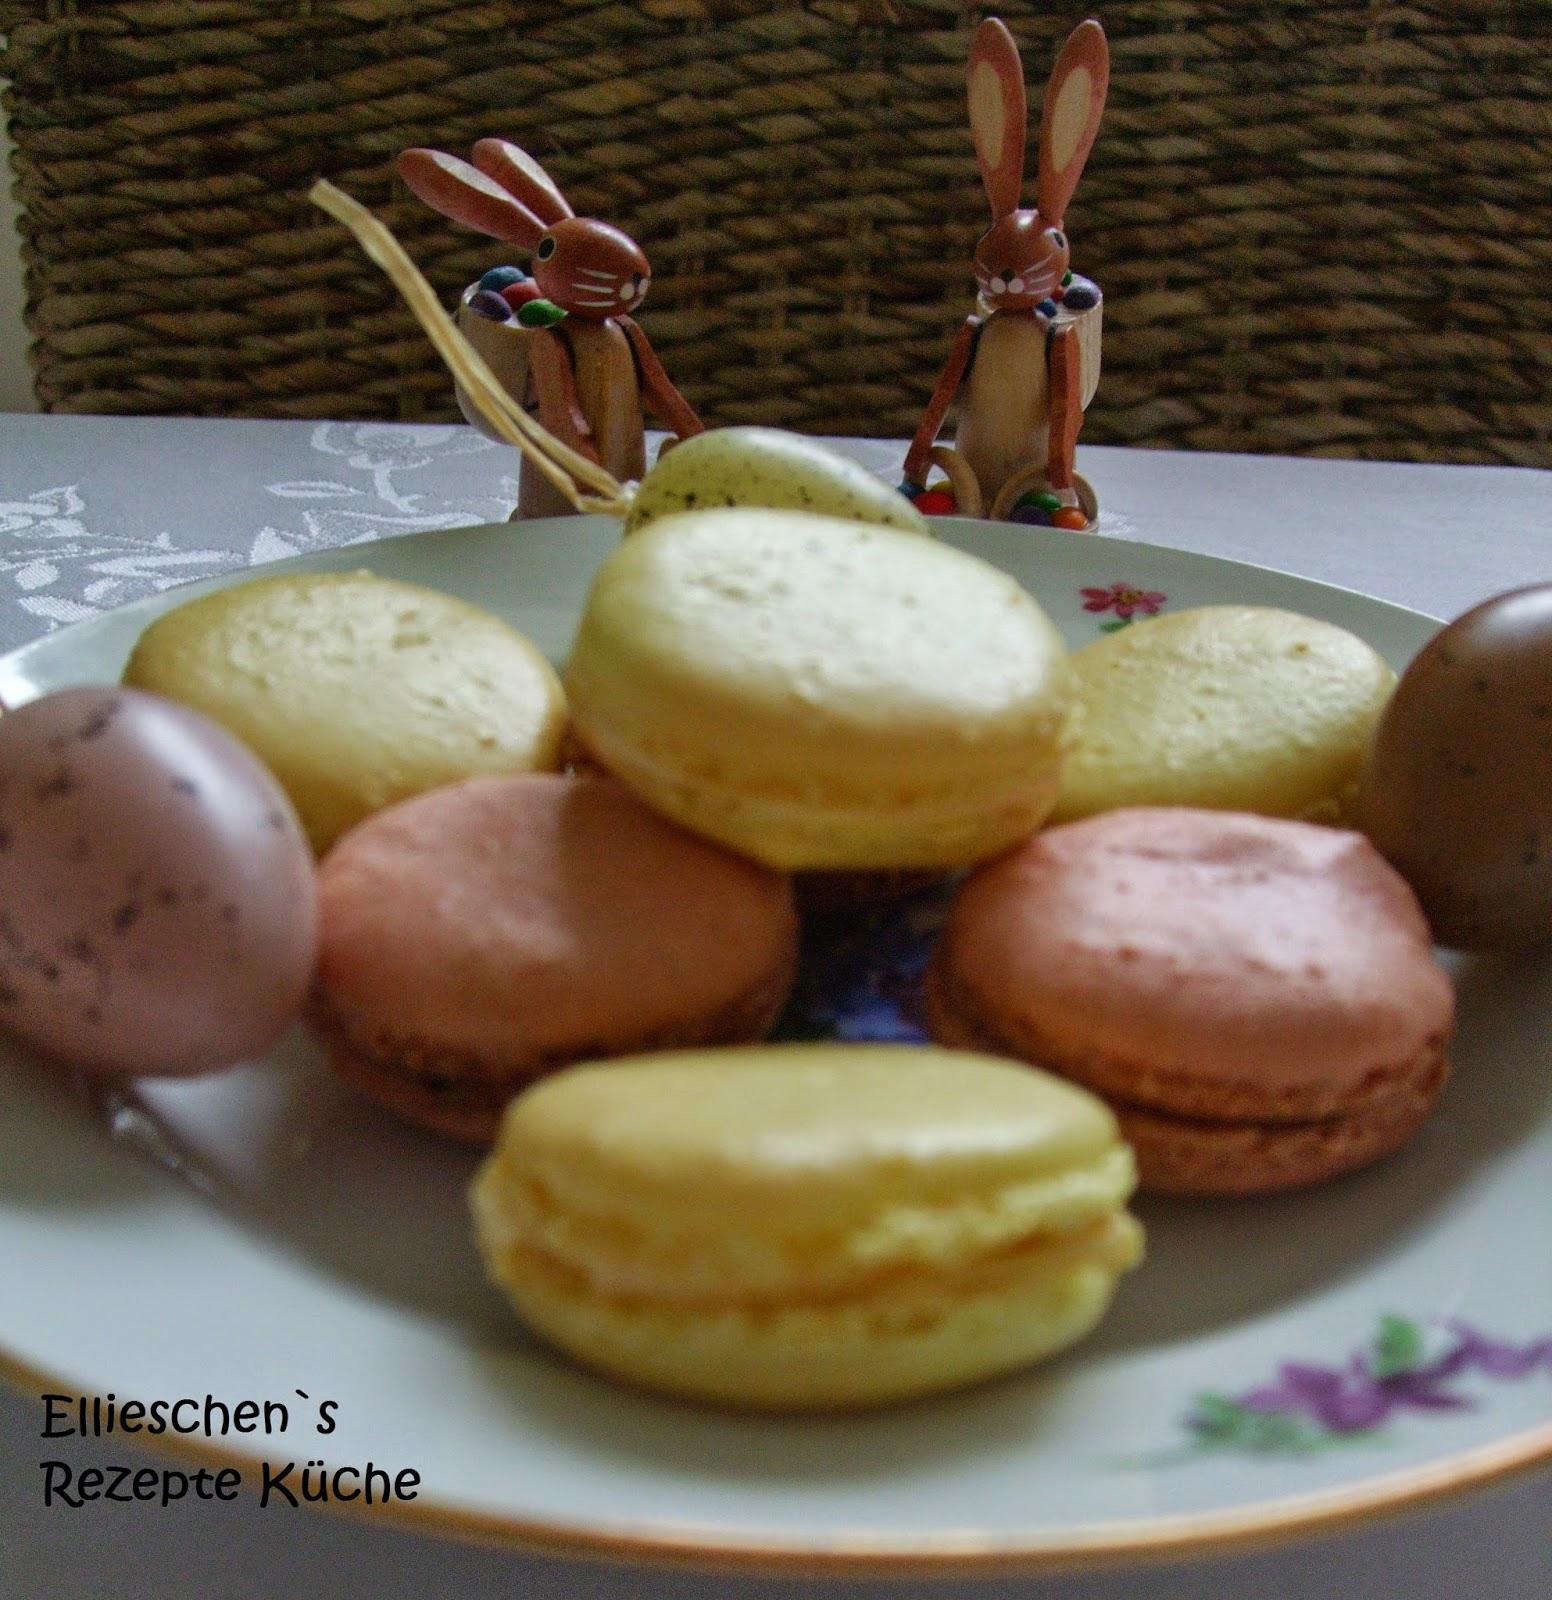 ellieschen s rezepte k che macarons gelb und rot. Black Bedroom Furniture Sets. Home Design Ideas